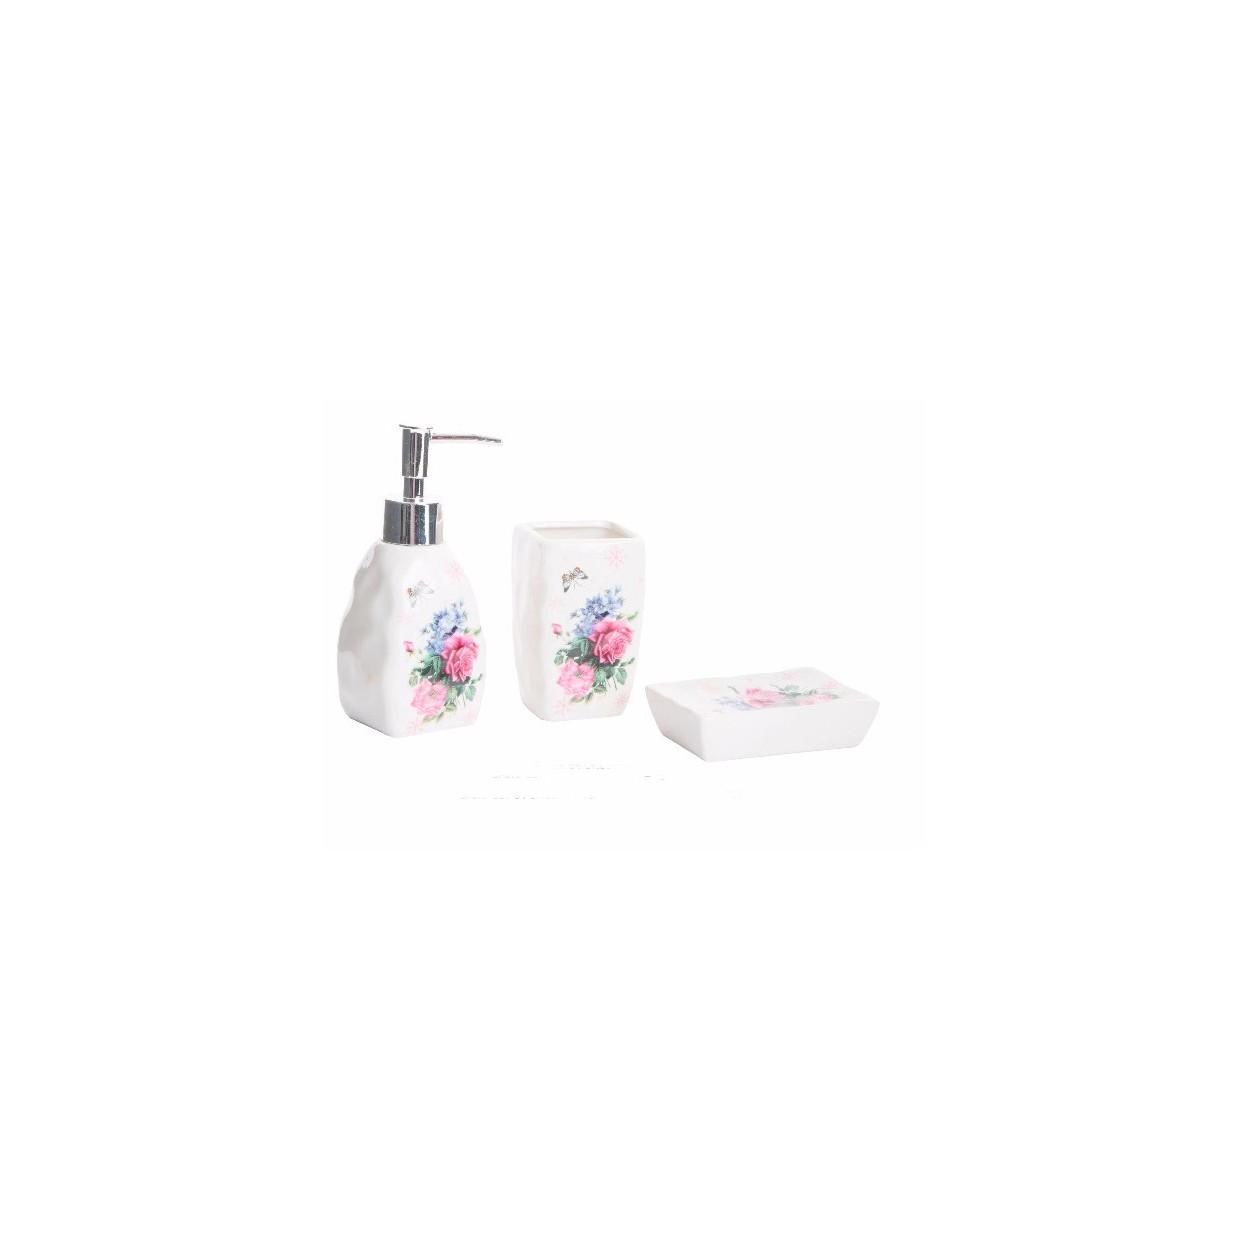 Comprar conjunto de ba o en porcelana para tu hogar for Accesorios bano porcelana